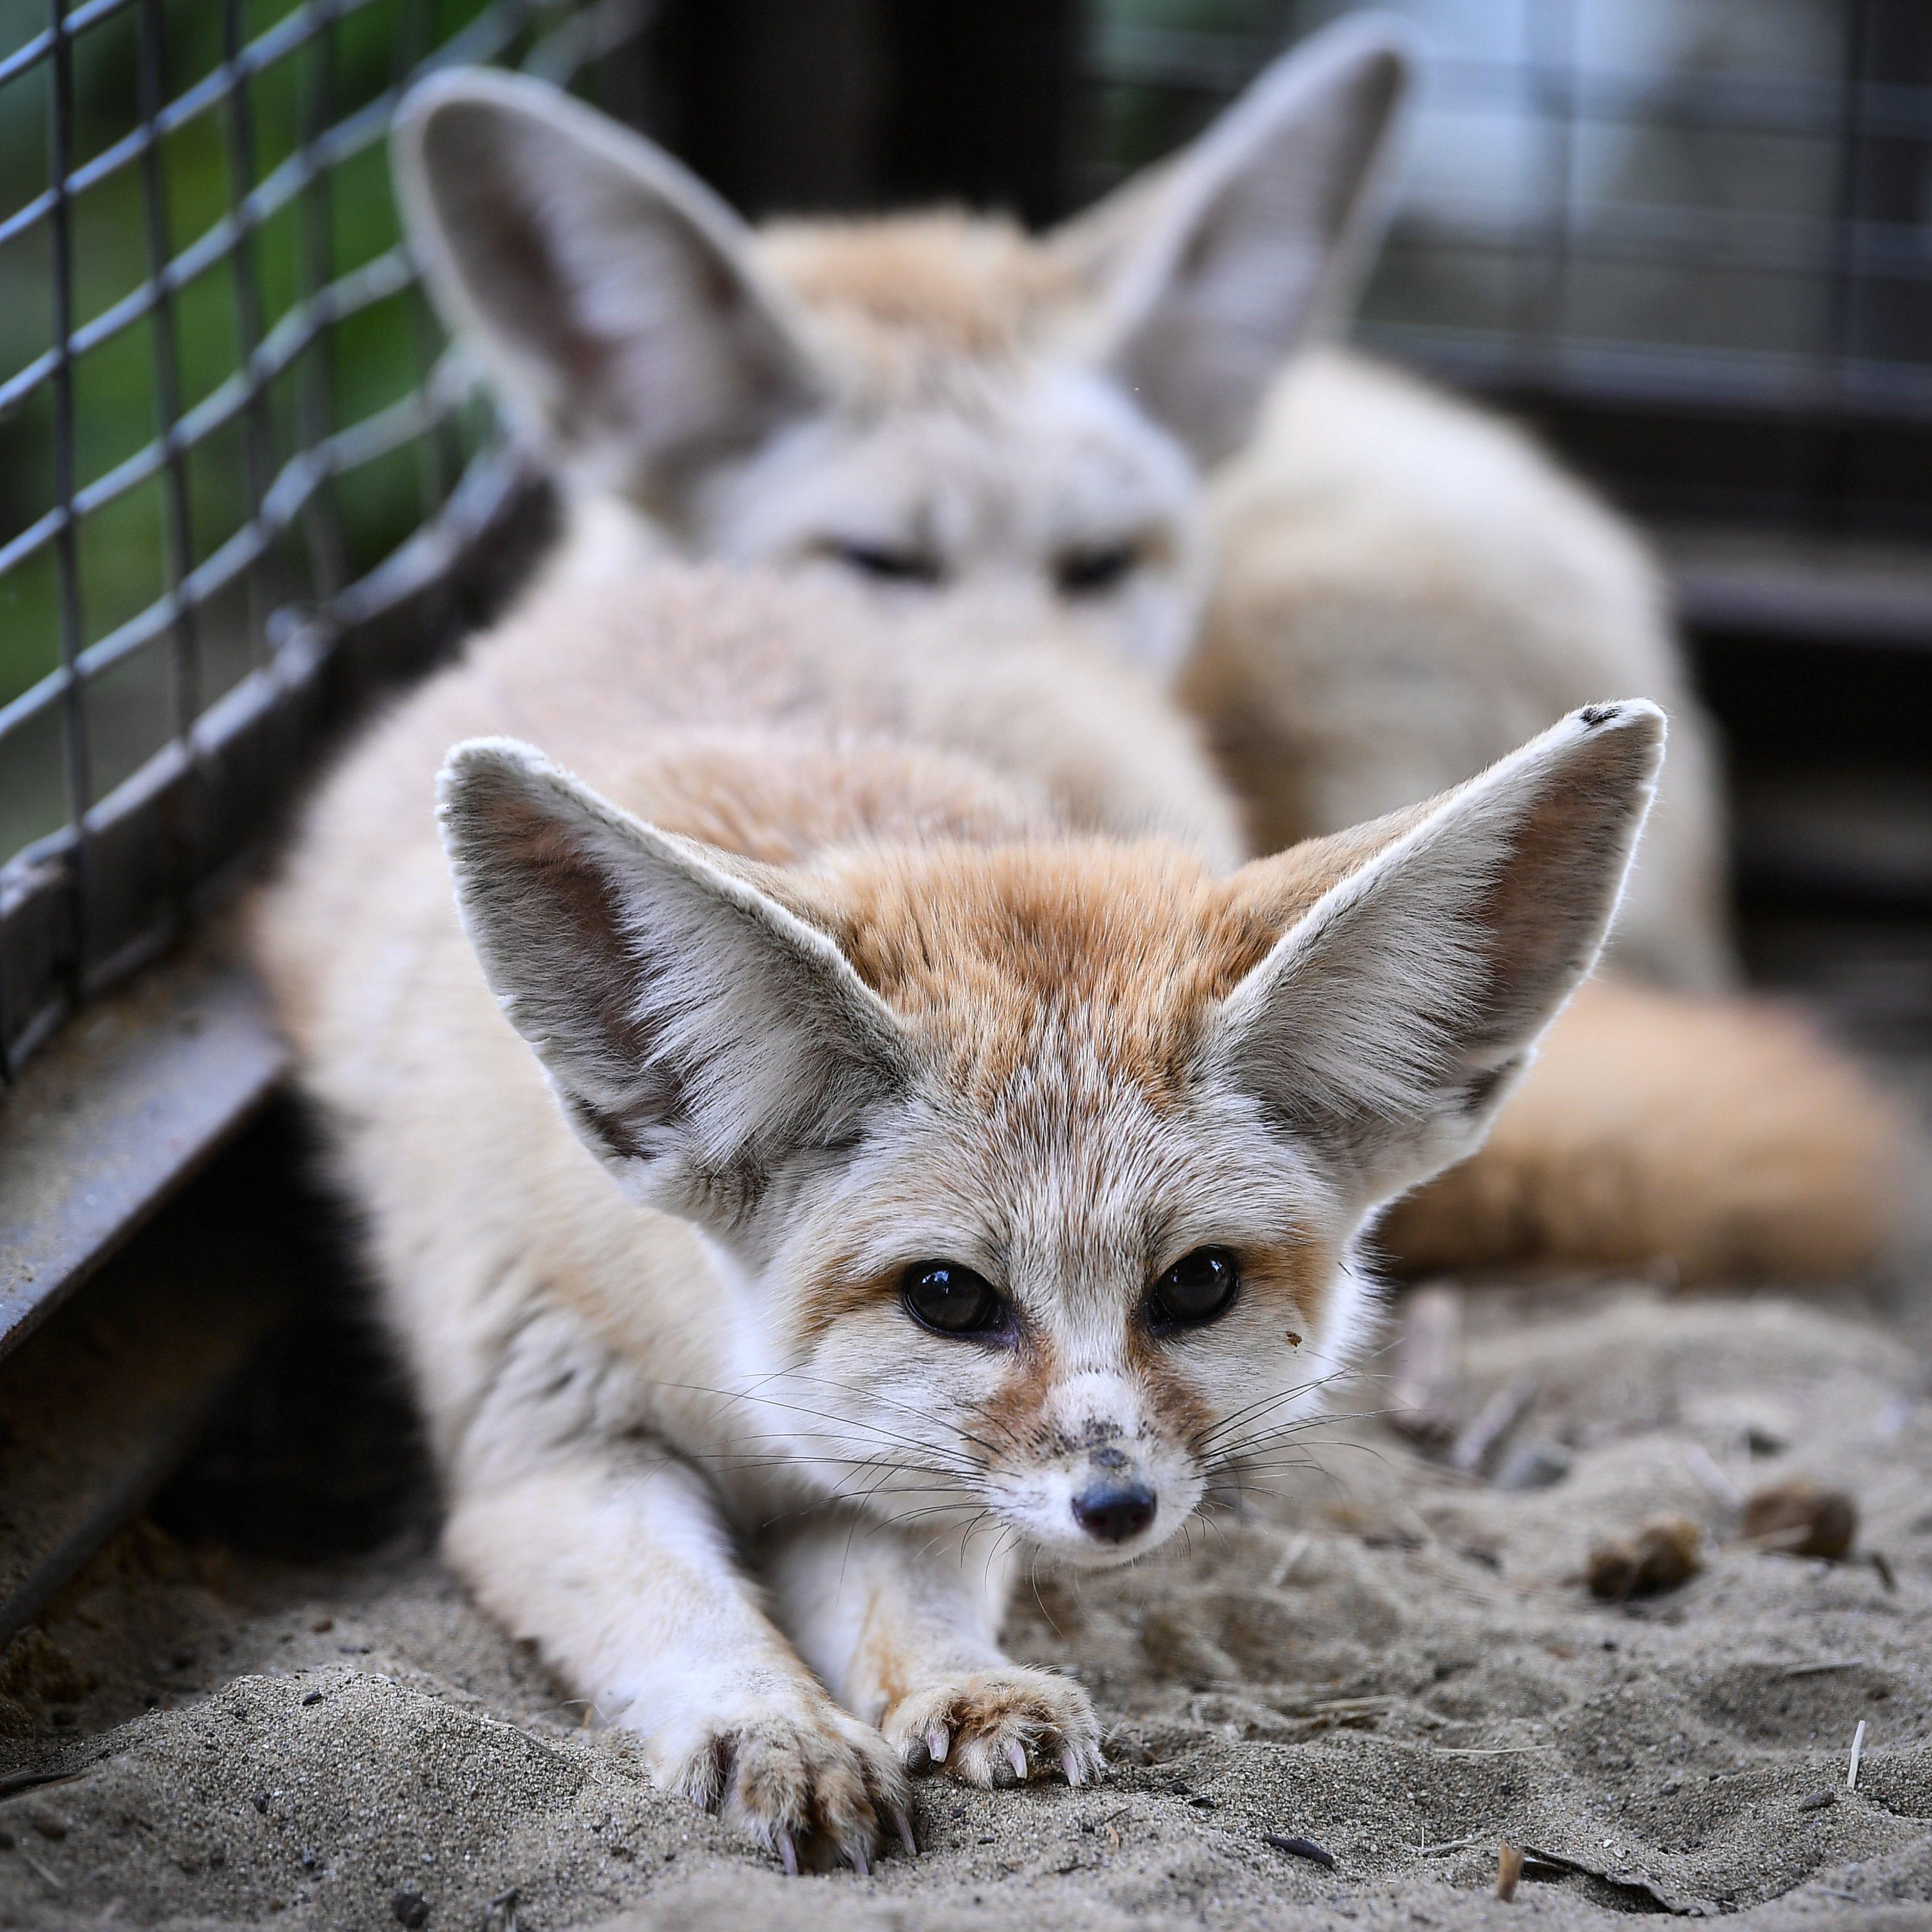 Sivatagi rókák költöztek a debreceni állatkertbeヽ(^◇^*)/